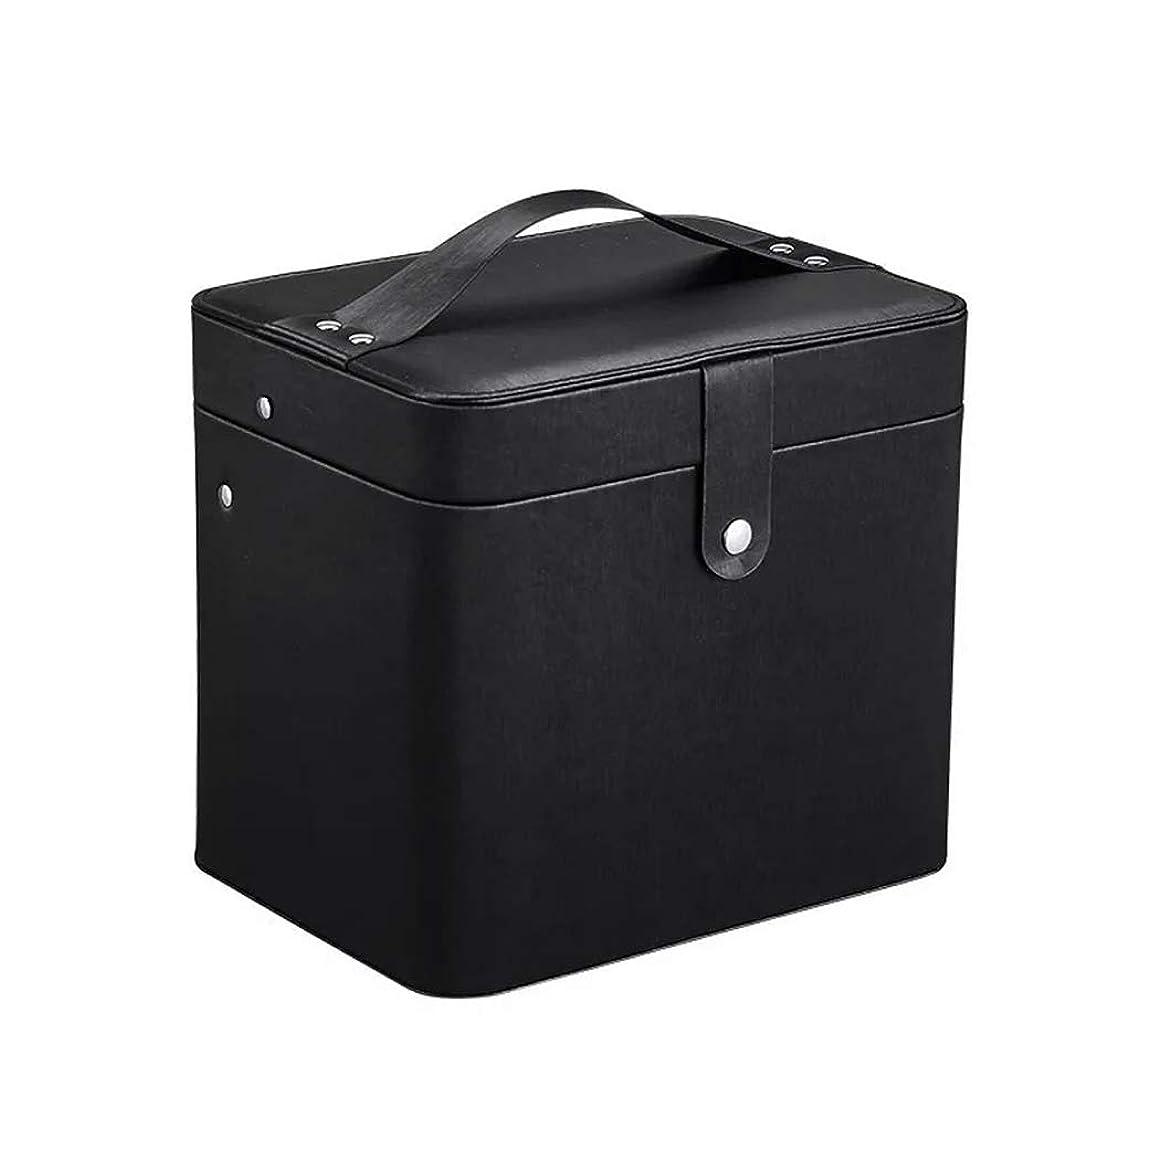 カニあいさつ気分が良いSZTulip コスメボックス メイクボックス 大容量収納ケース メイクブラシ化粧道具 小物入れ 鏡付き 化粧品収納ボックス (ブラック)